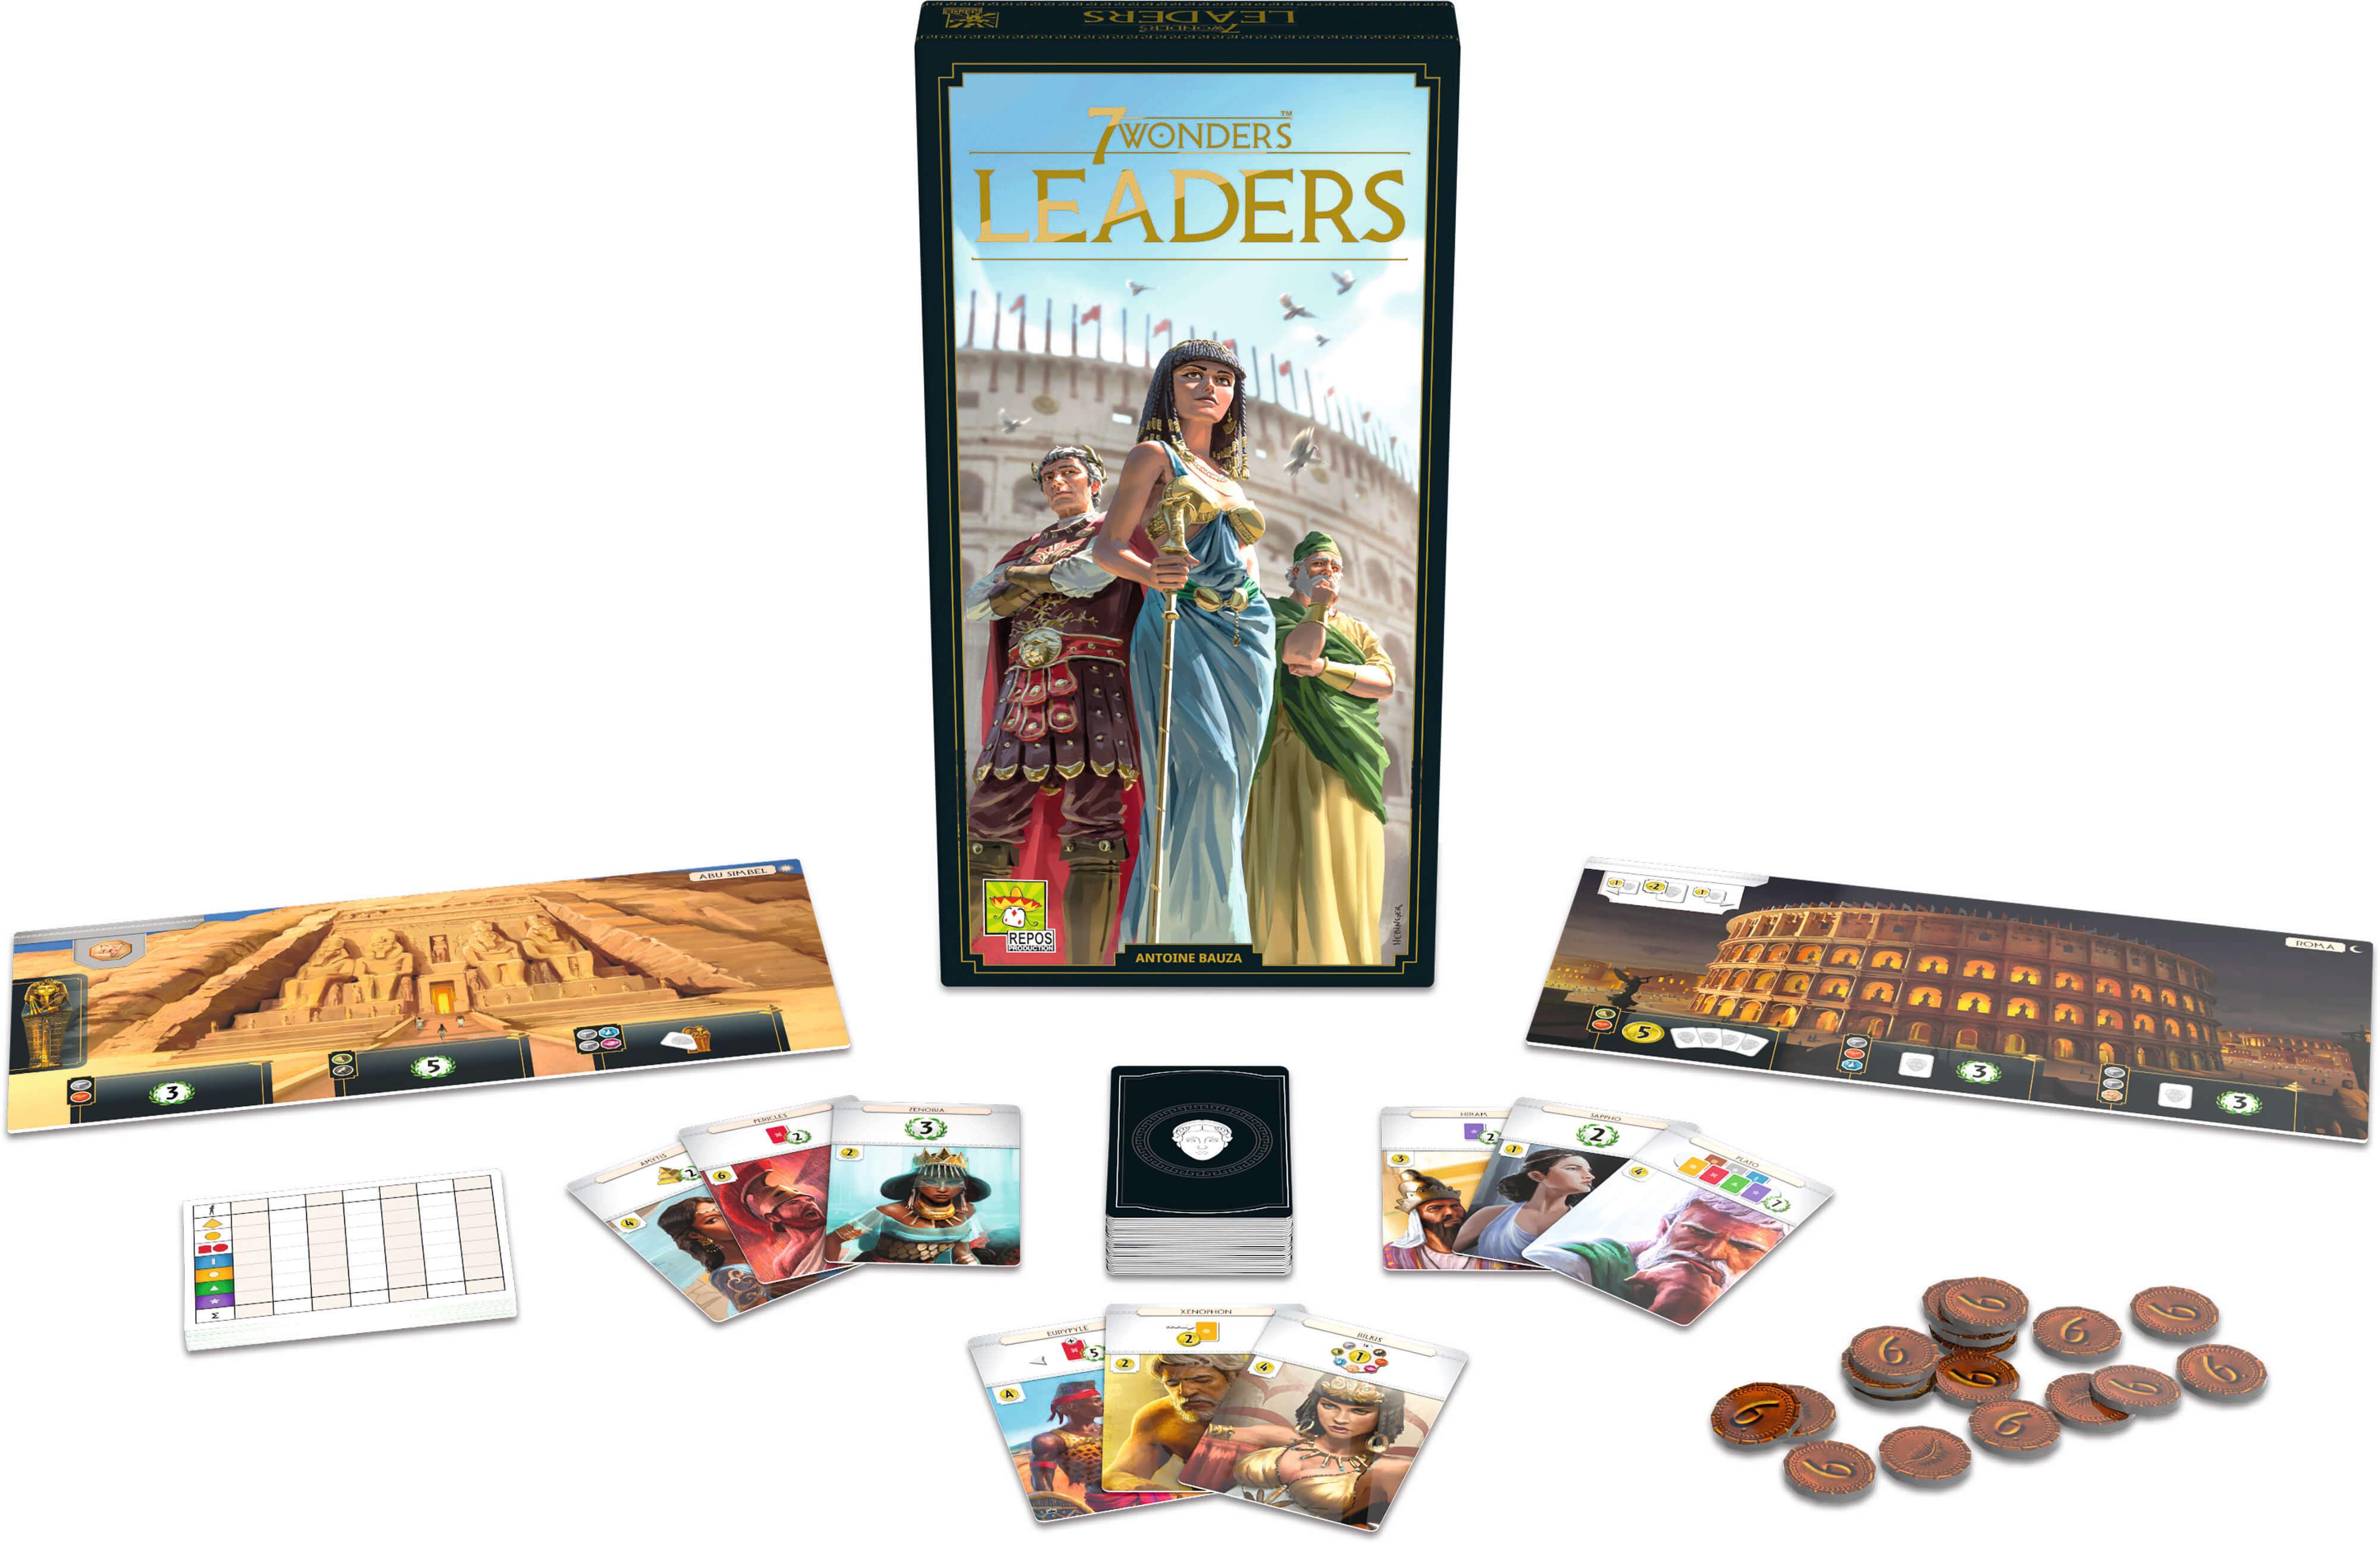 Spielmaterial- 7 Wonders - Leaders